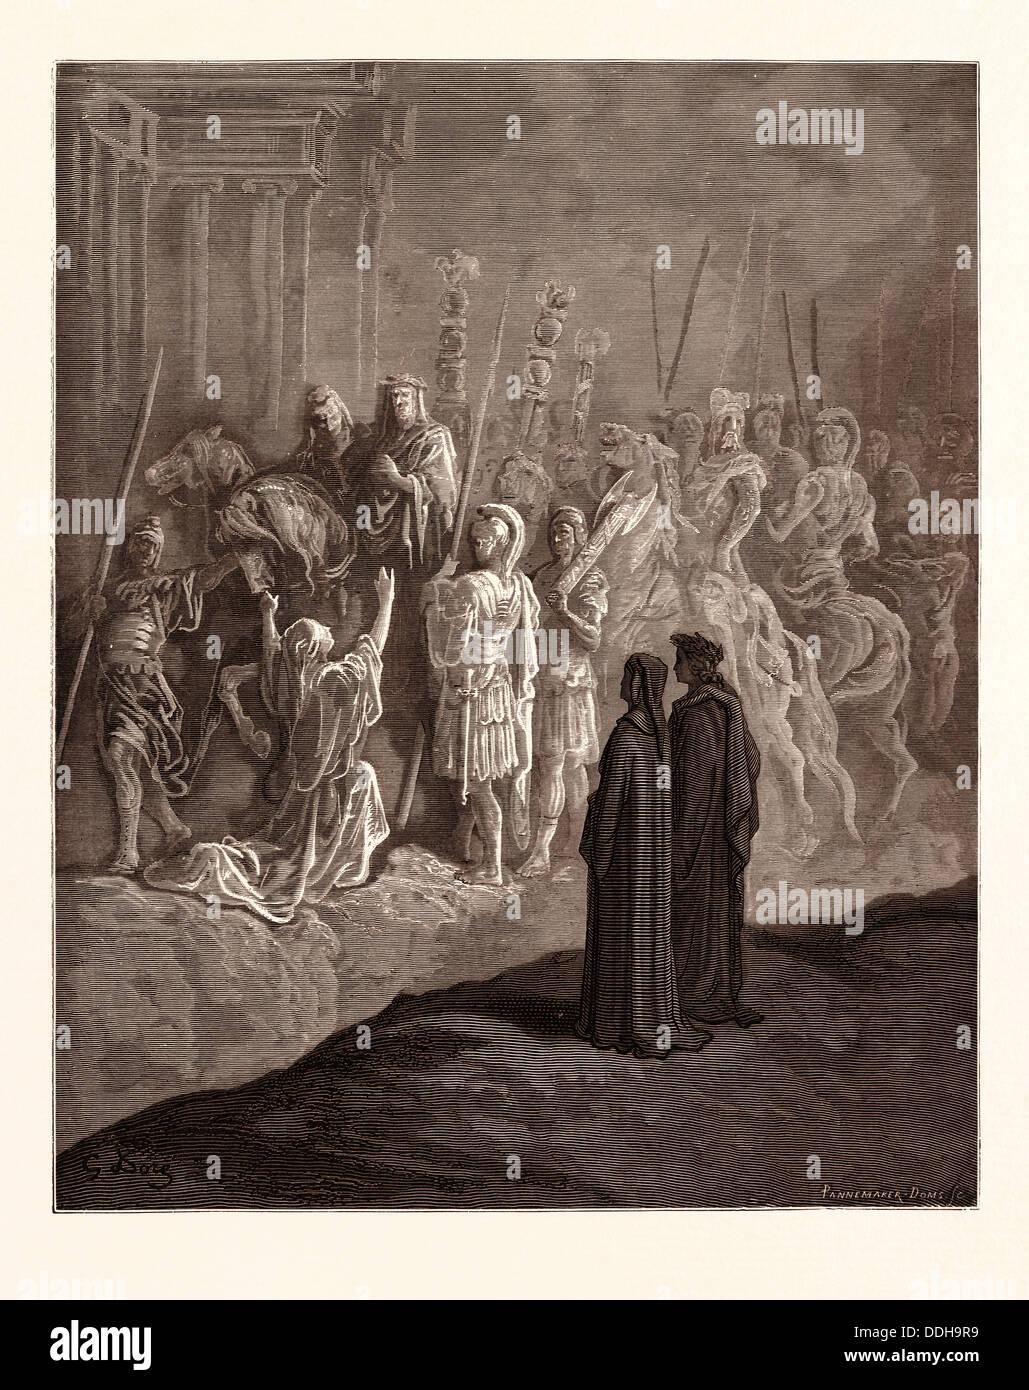 DIE RÖMISCHE WITWE UND DER KAISER TRAJAN, VON GUSTAVE DORÉ. Gustave Dore, 1832-1883, Französisch. Stockbild